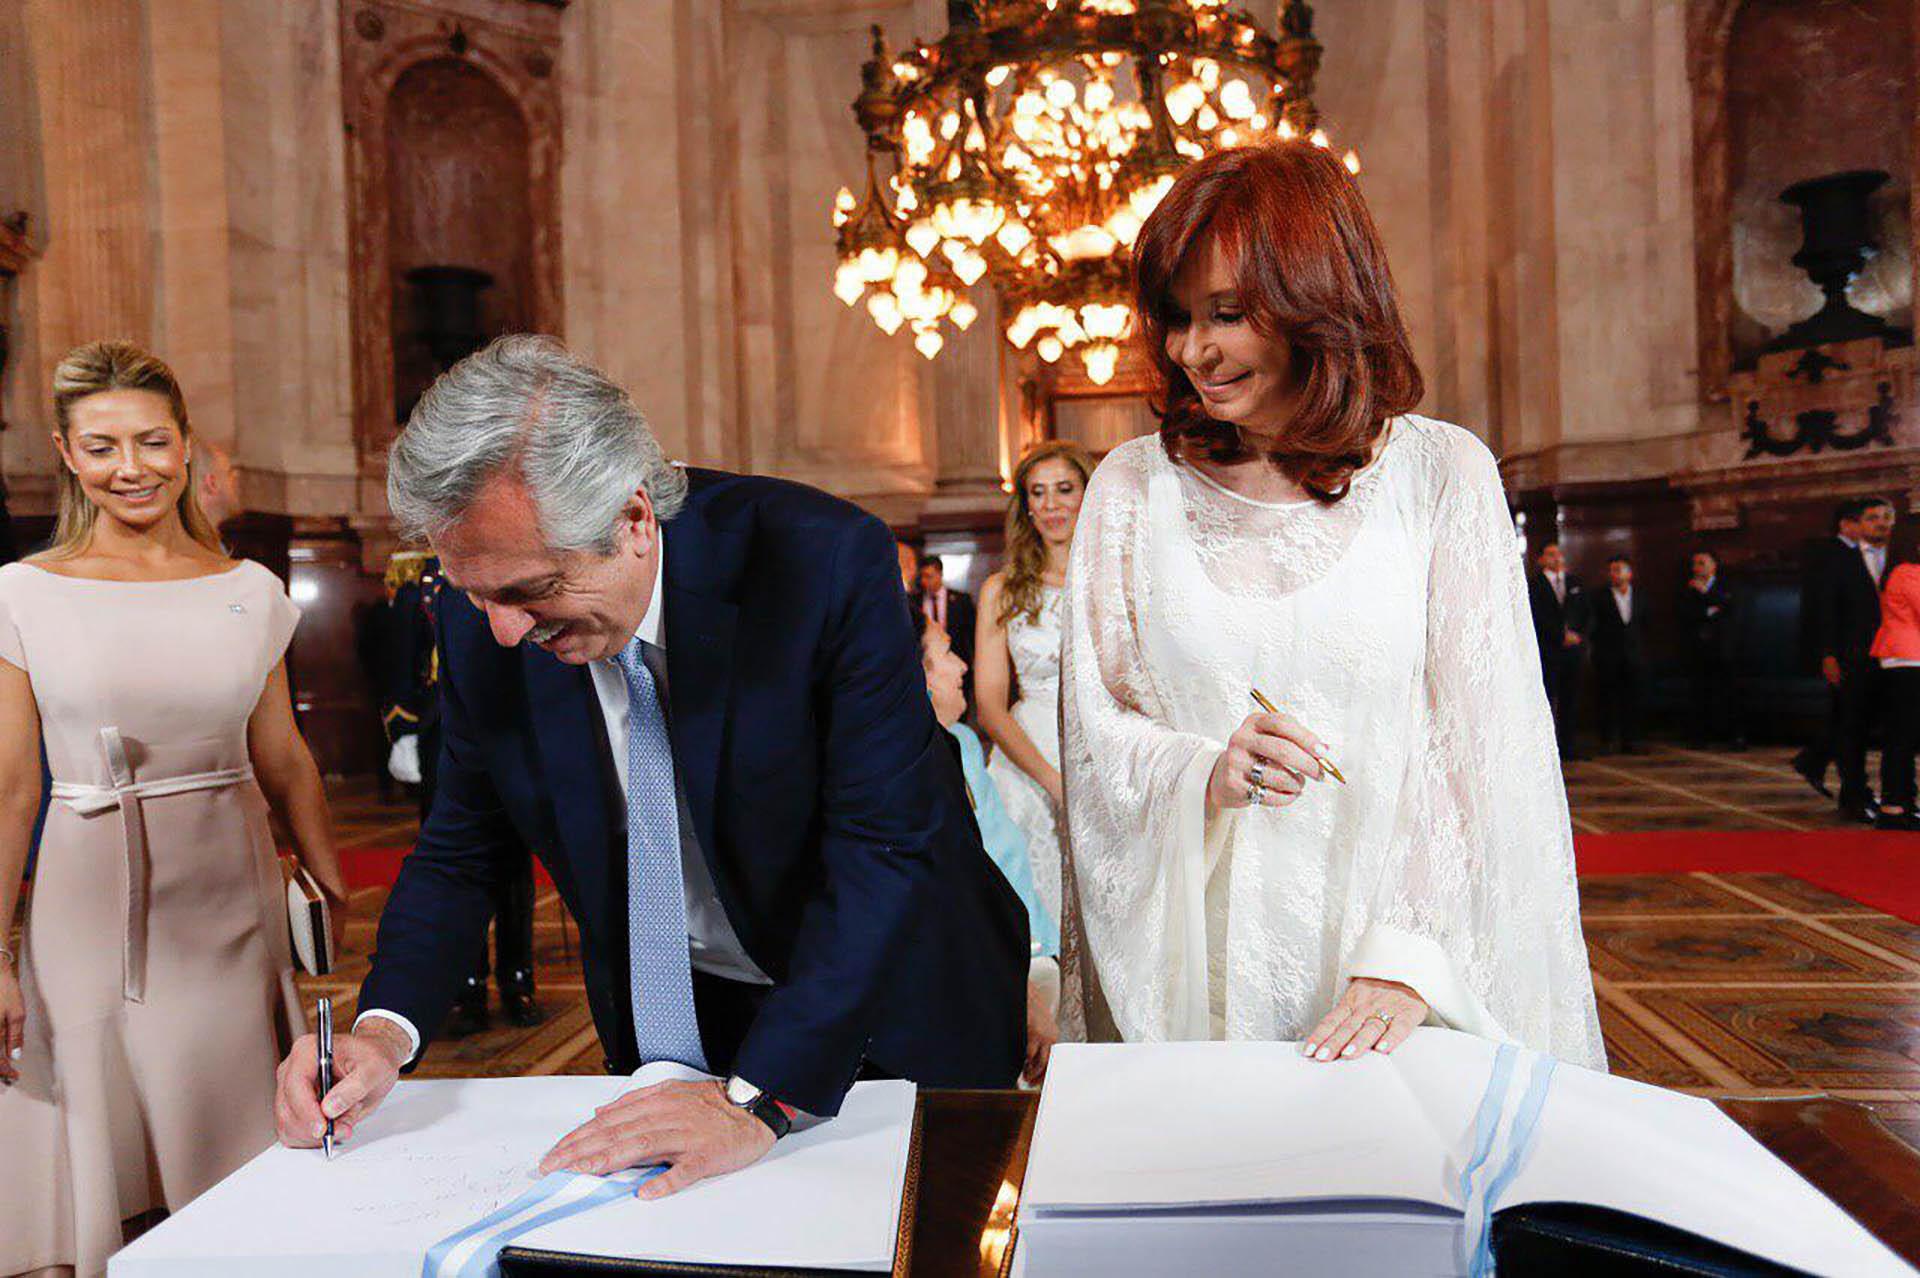 El presidente Alberto Fernández firma el libro de actas, antes de prestar juramento ante la Asamblea Argentina